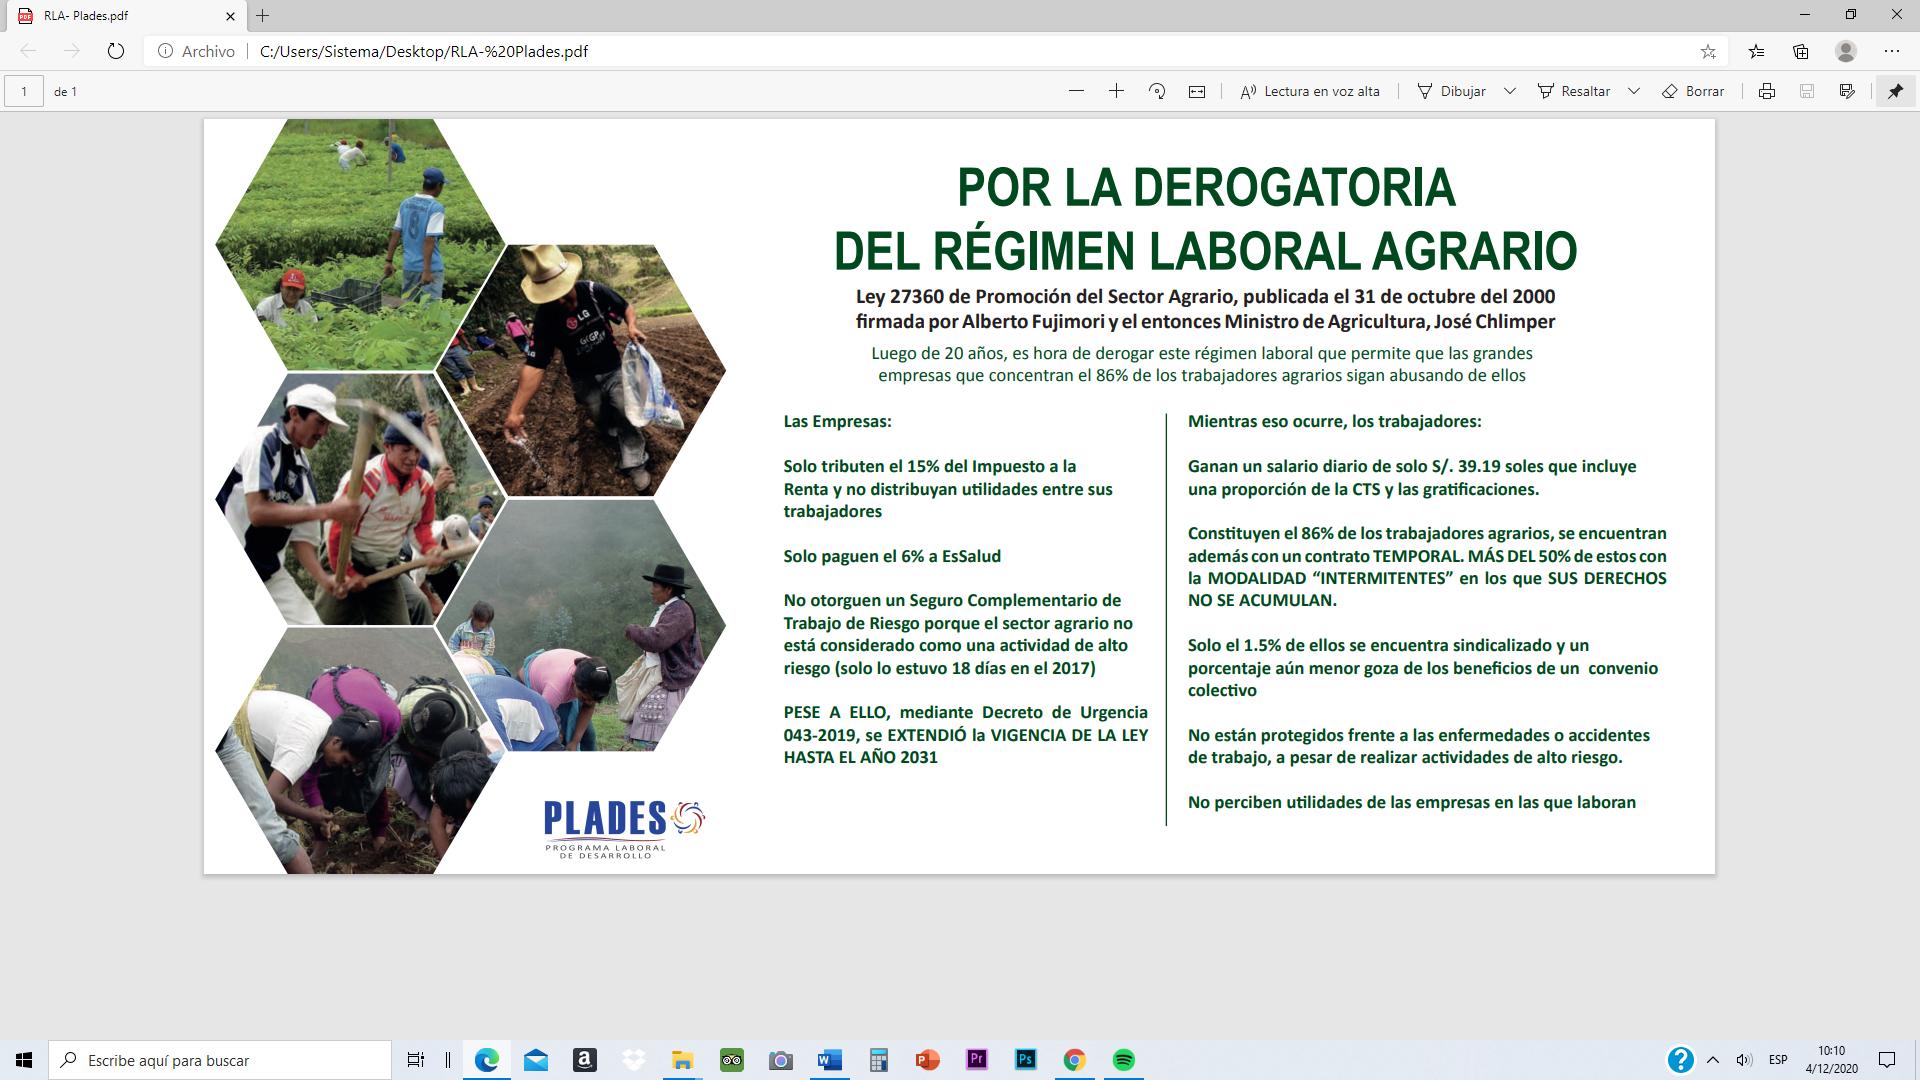 PLADES: Por la derogatoria del Régimen Laboral Agrario